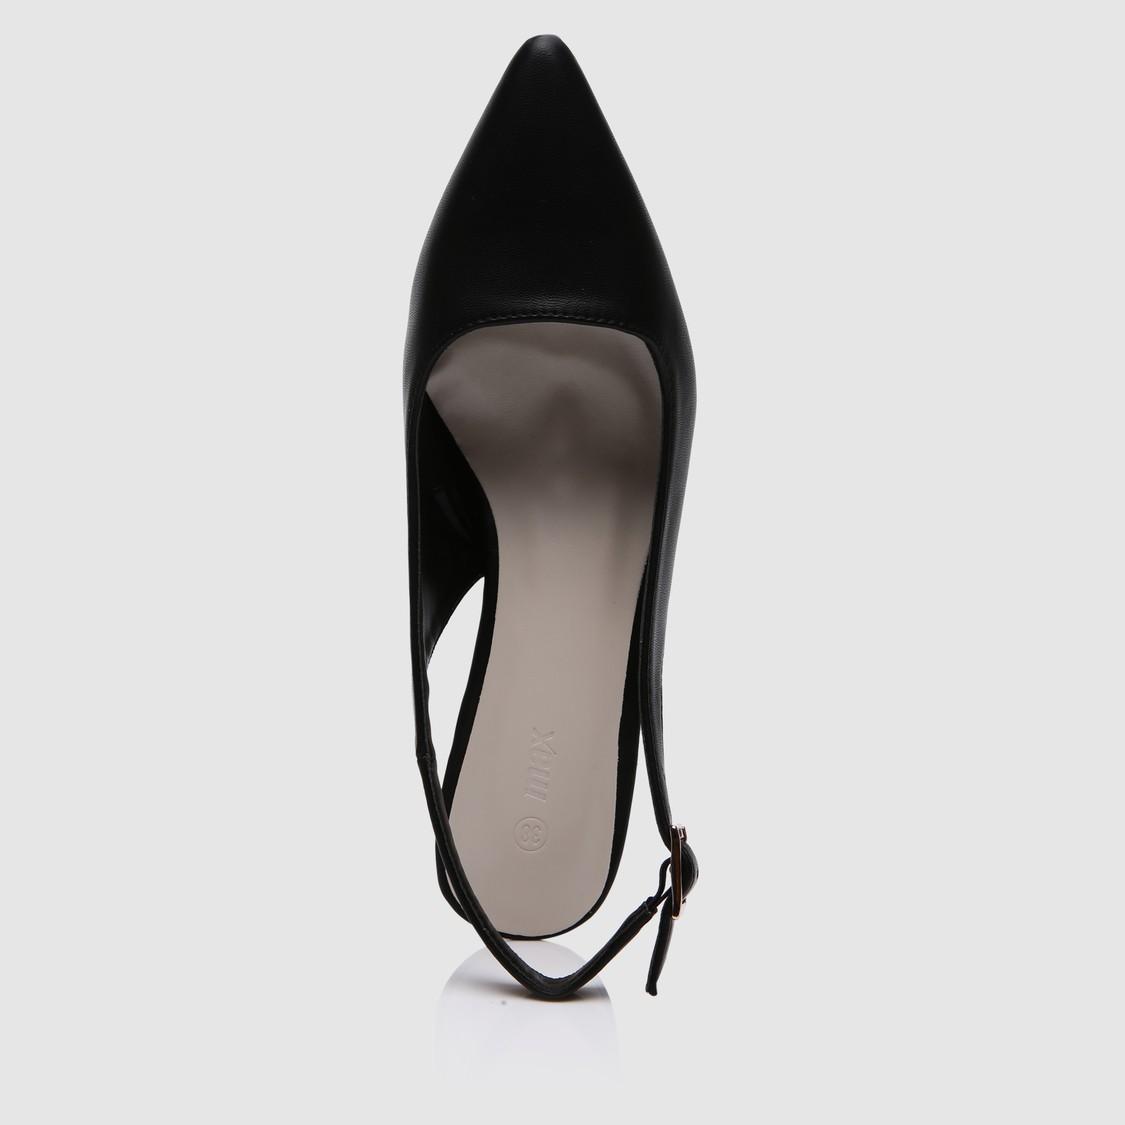 حذاء بحزام خلف الكاحل بكعب متوسط وإبزيم للإغلاق